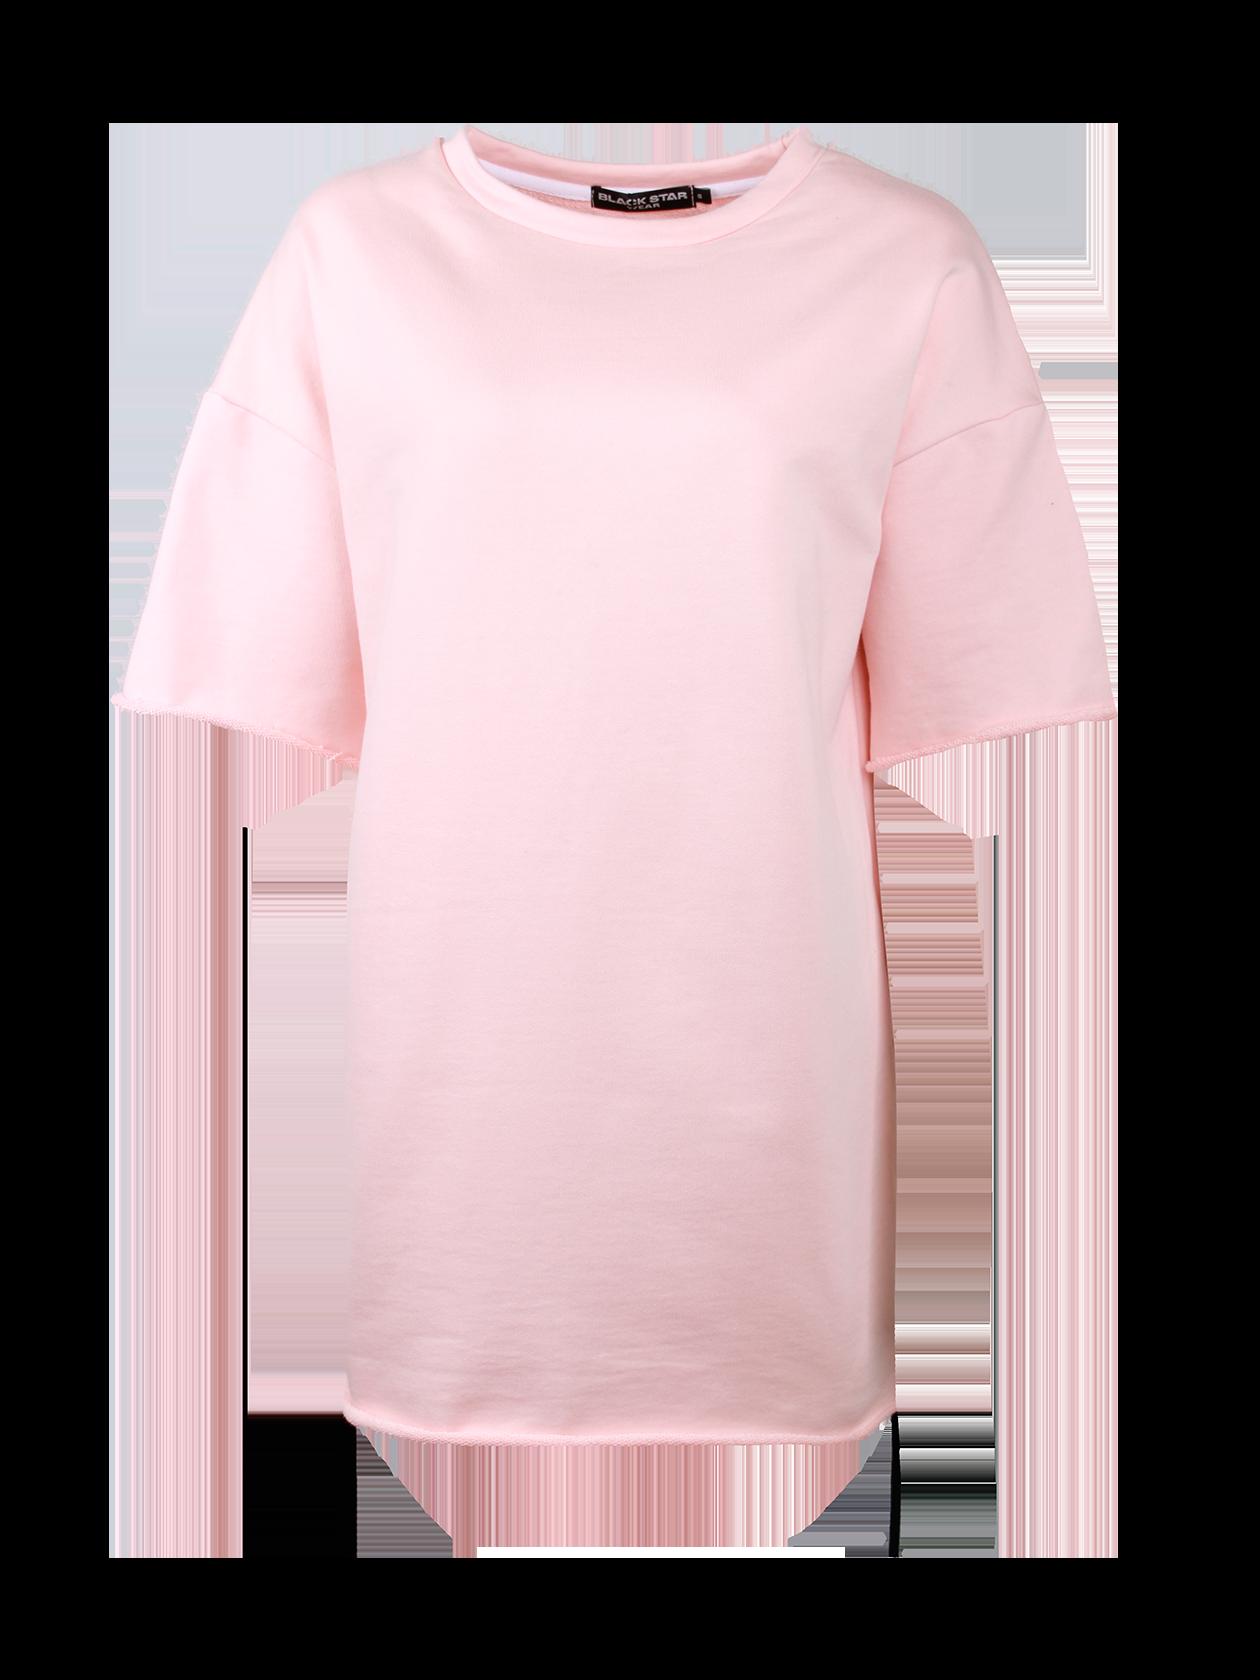 Платье женское HOT SUMMERЭффектное платье женское Hot Summer от бренда Black Star Wear поможет заметно выделиться из толпы. Опущенная линия плеча переходит в широкий рукав длиной до локтя. Крой изделия прямой с оптимальной свободой прилегания. Горловина среднего размера глубины содержит жаккардовую нашивку Black Star Wear. Необычная фишка вещи – спина, состоящая из двух частей, соединенных между собой крупной черной шнуровкой. Платье изготовлено из премиального хлопка, представлено в бледно-розовой и белой расцветке.<br><br>Размер: M<br>Цвет: Розовый<br>Пол: Женский